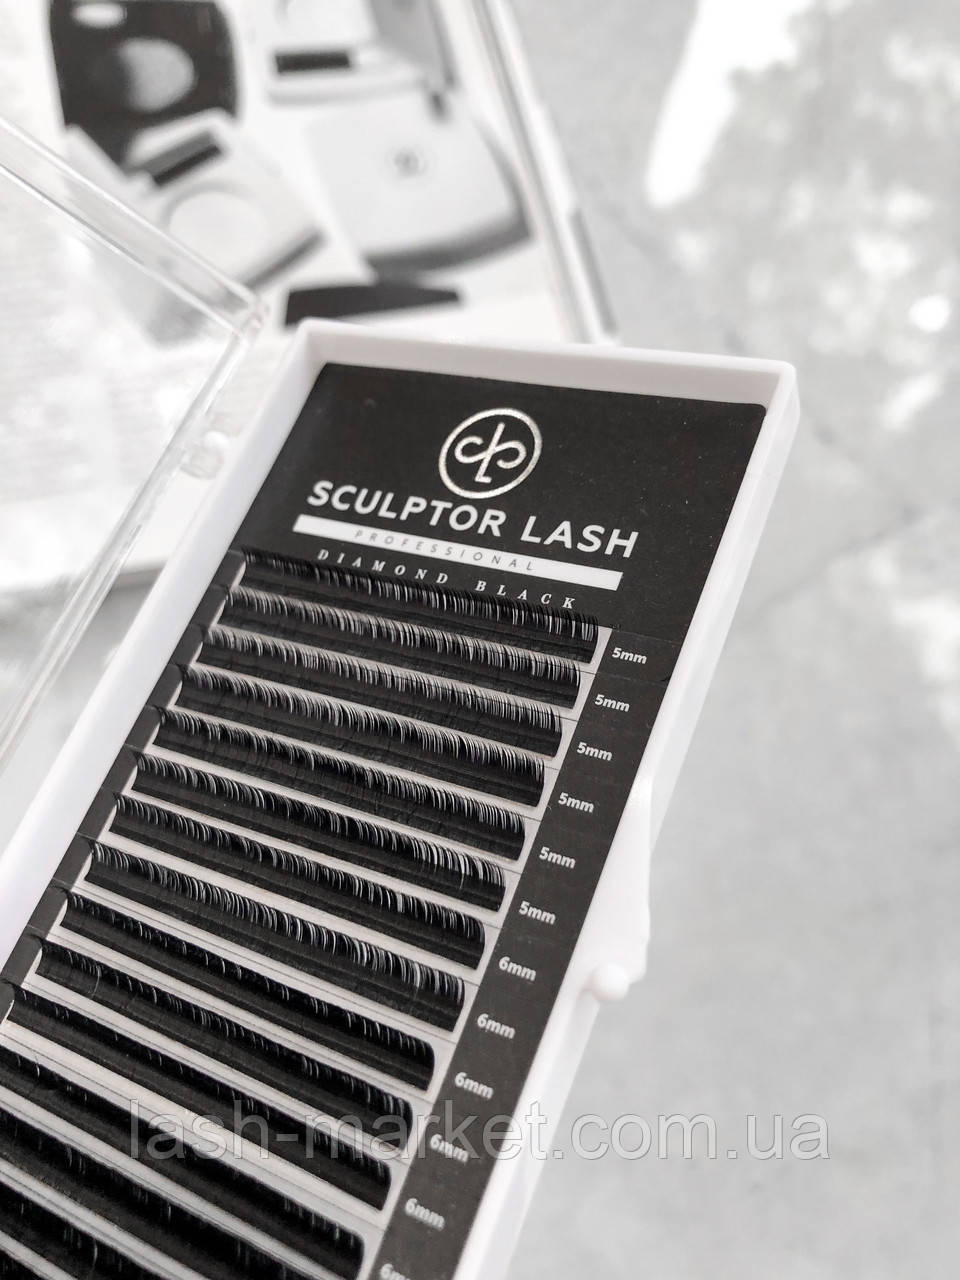 Ресницы ОТД ДЛИНА CC 0.05 9 мм Sculptor Lash Diamond Black черные(для наращивания ресниц)